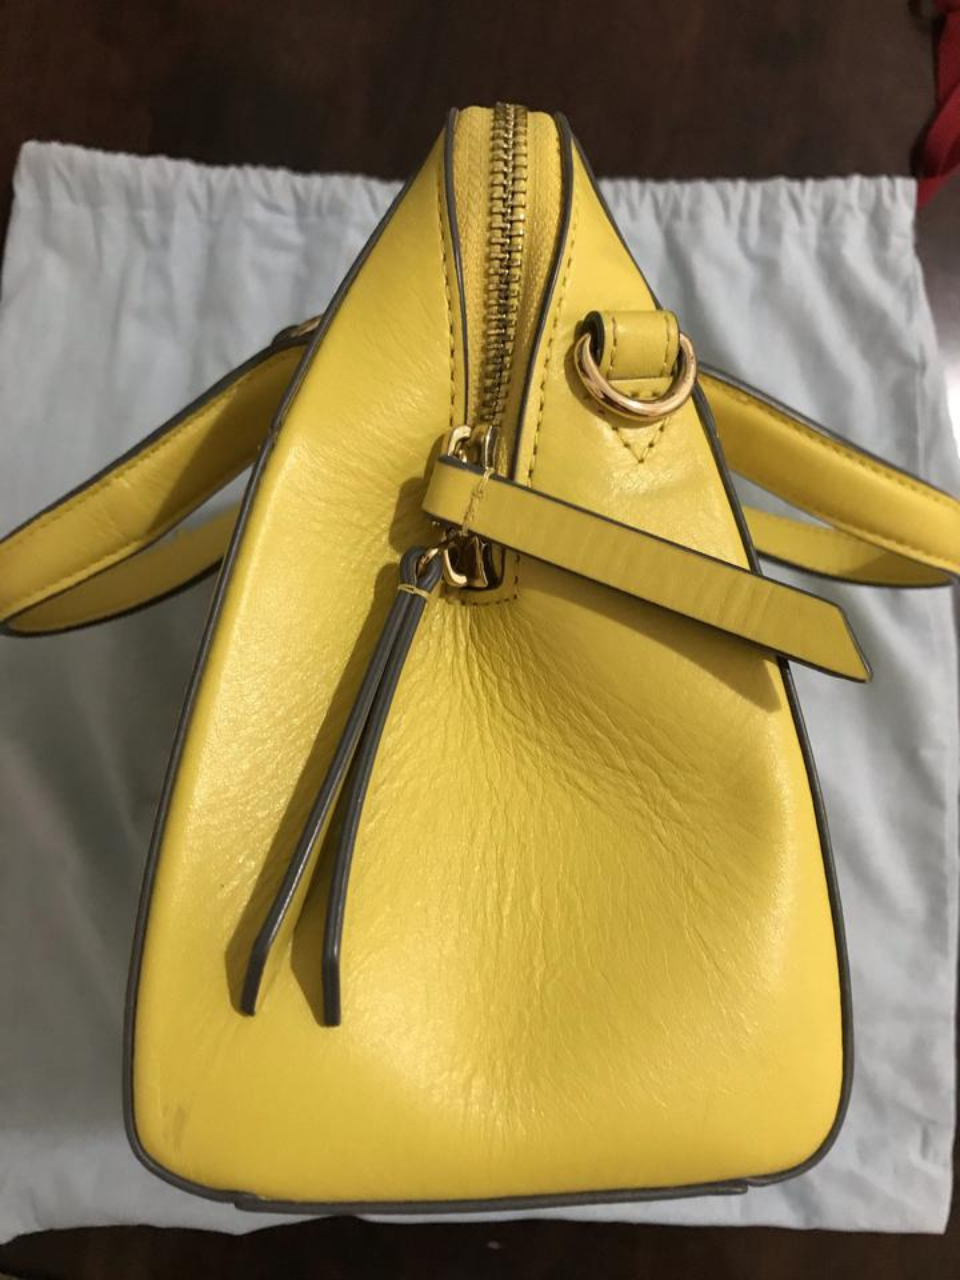 ขออนุญาตเปิด กระเป๋าถือและสะพาย Catch Kidston รุ่น The Henshall Leather Bag สีเหลืองสดใส รุ่นนี้วัสดุหนังแท้  รูปที่ 3